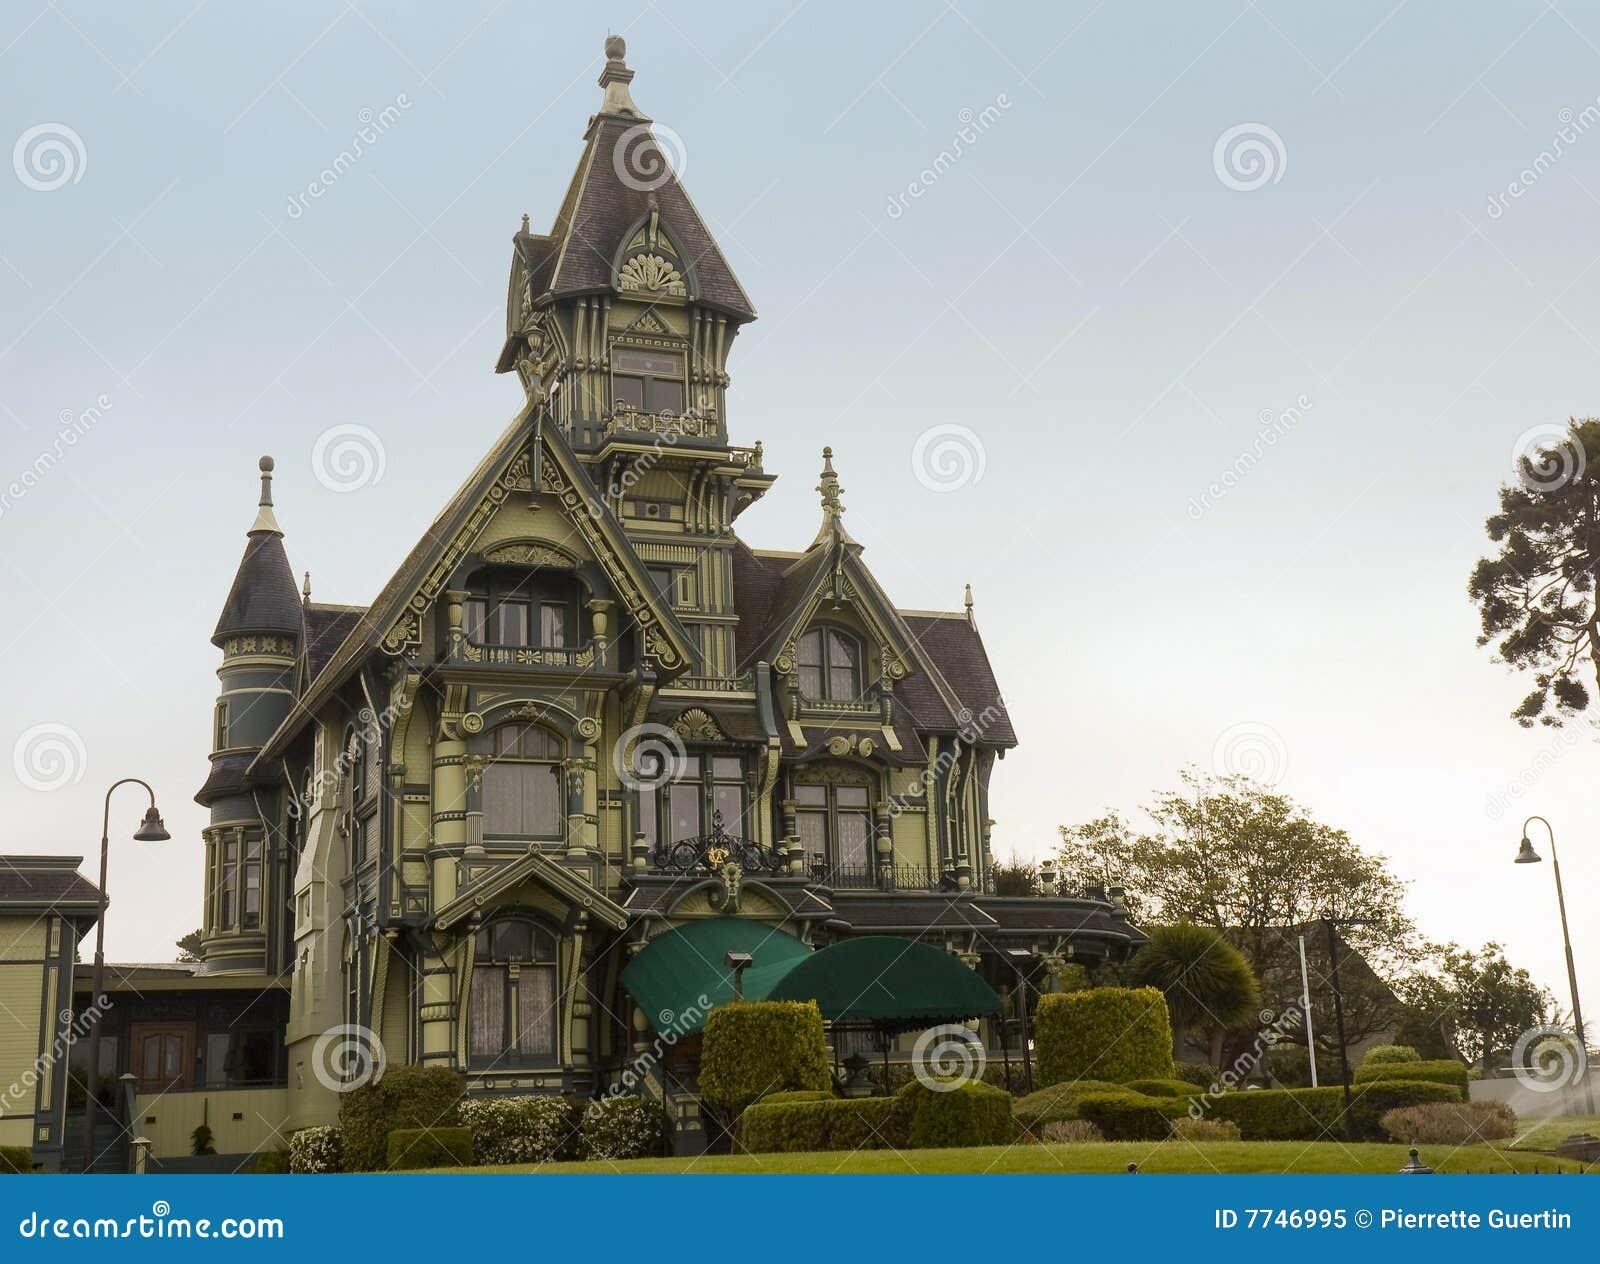 Maison victorienne photo libre de droits image 7746995 - La maison victorienne ...